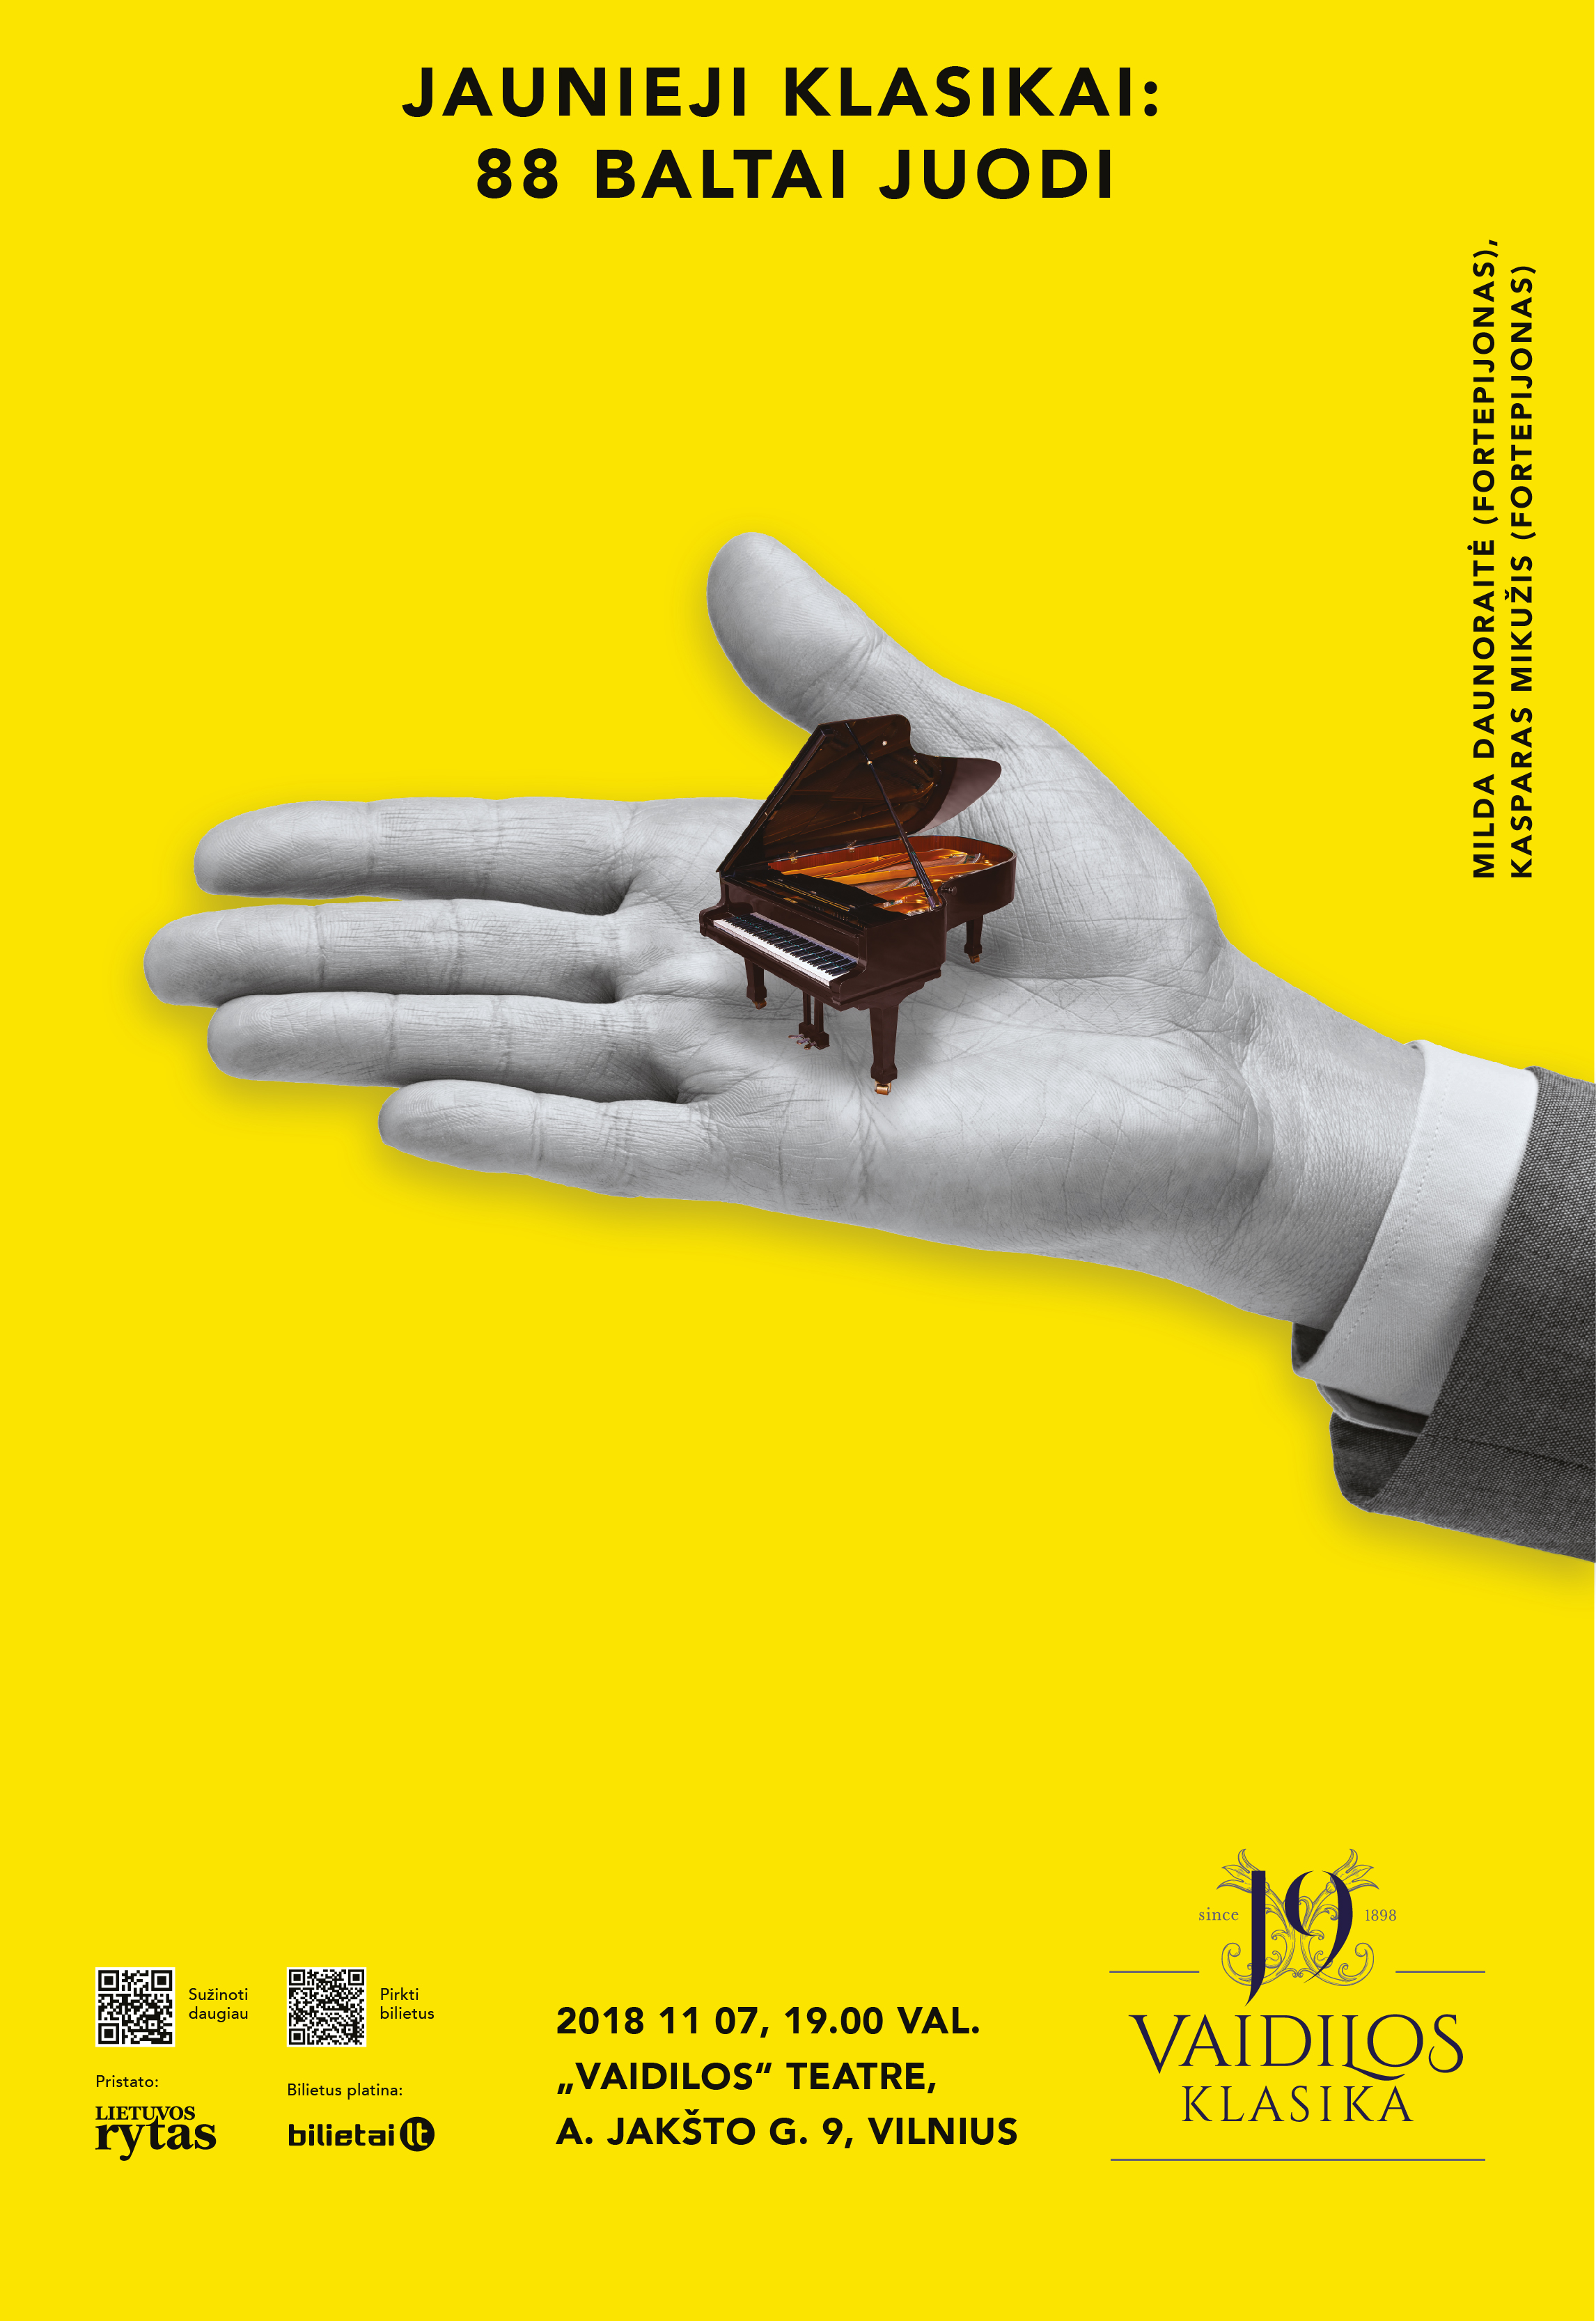 JAUNIEJI KLASIKAI: 88 BALTAI JUODI | M.Daunoraitė, K.Mikužis